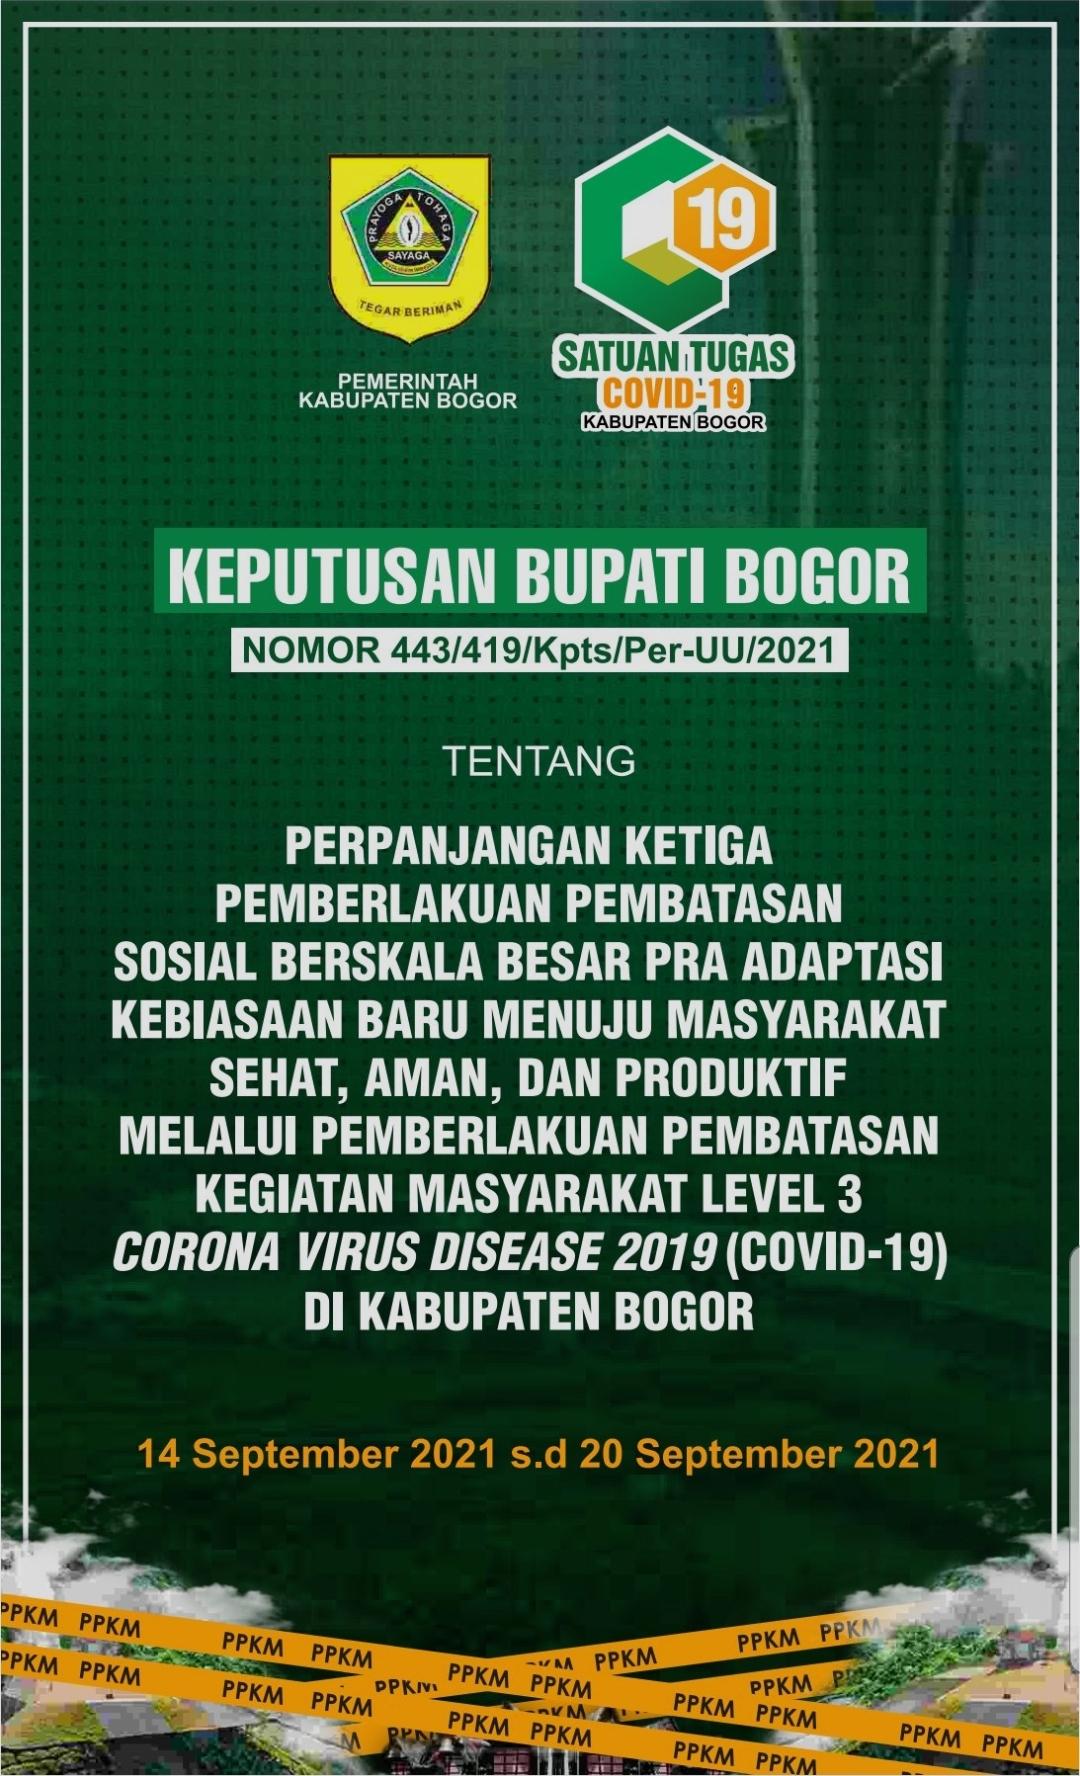 Perpanjangan Ketiga PPKM Level 3, Kabupaten Bogor Uji Coba Pembukaan Bioskop Dengan Protokol Kesehatan Yang Ketat